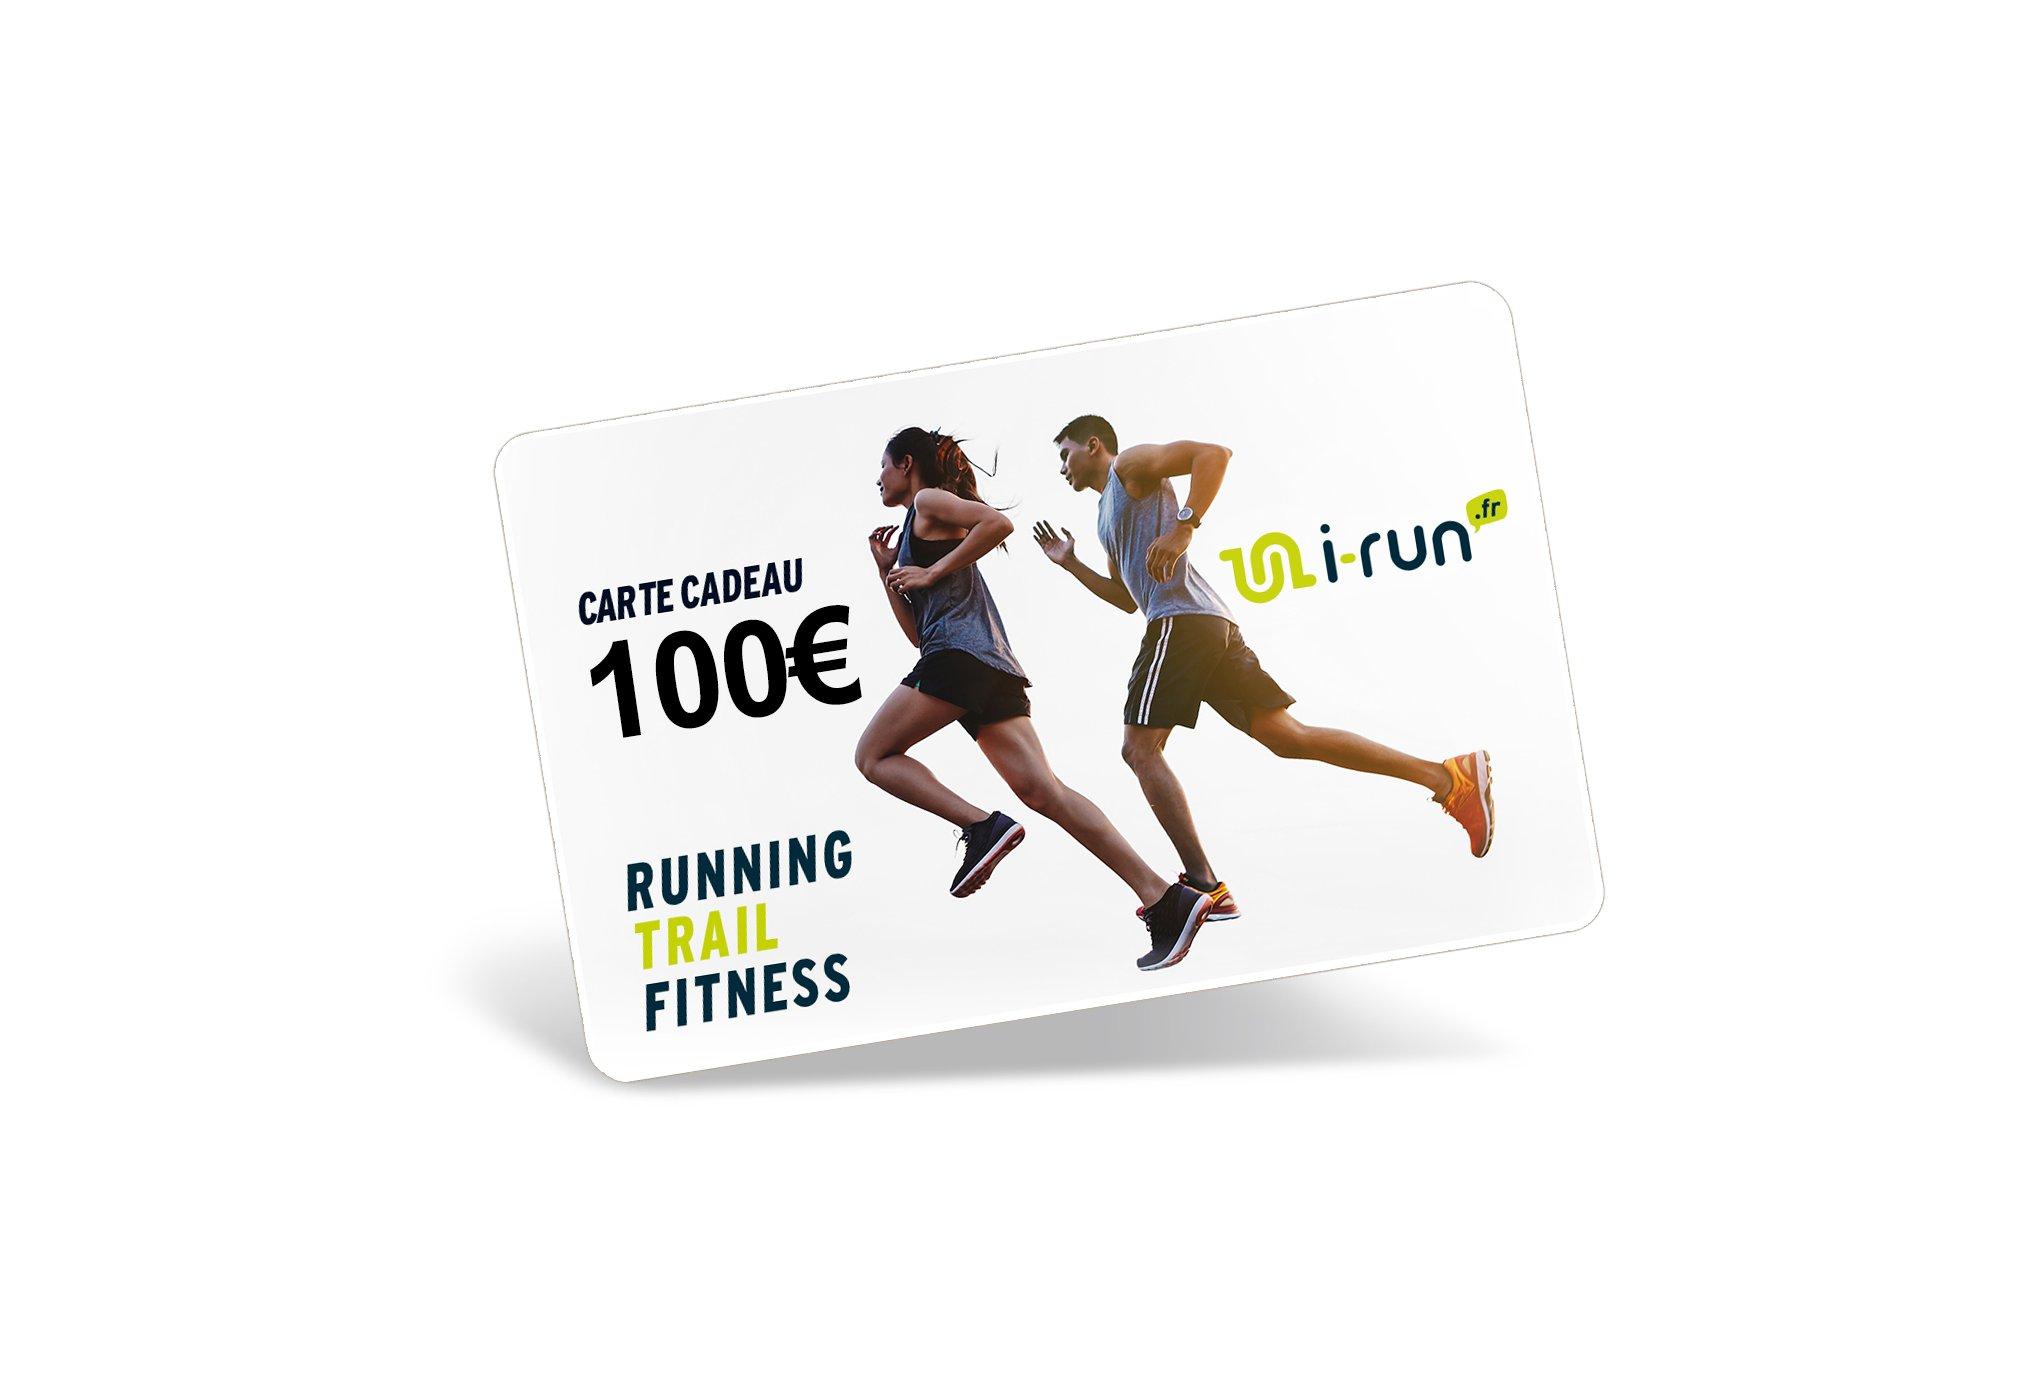 i-run.fr Carte Cadeau 100 Cartes Cadeau